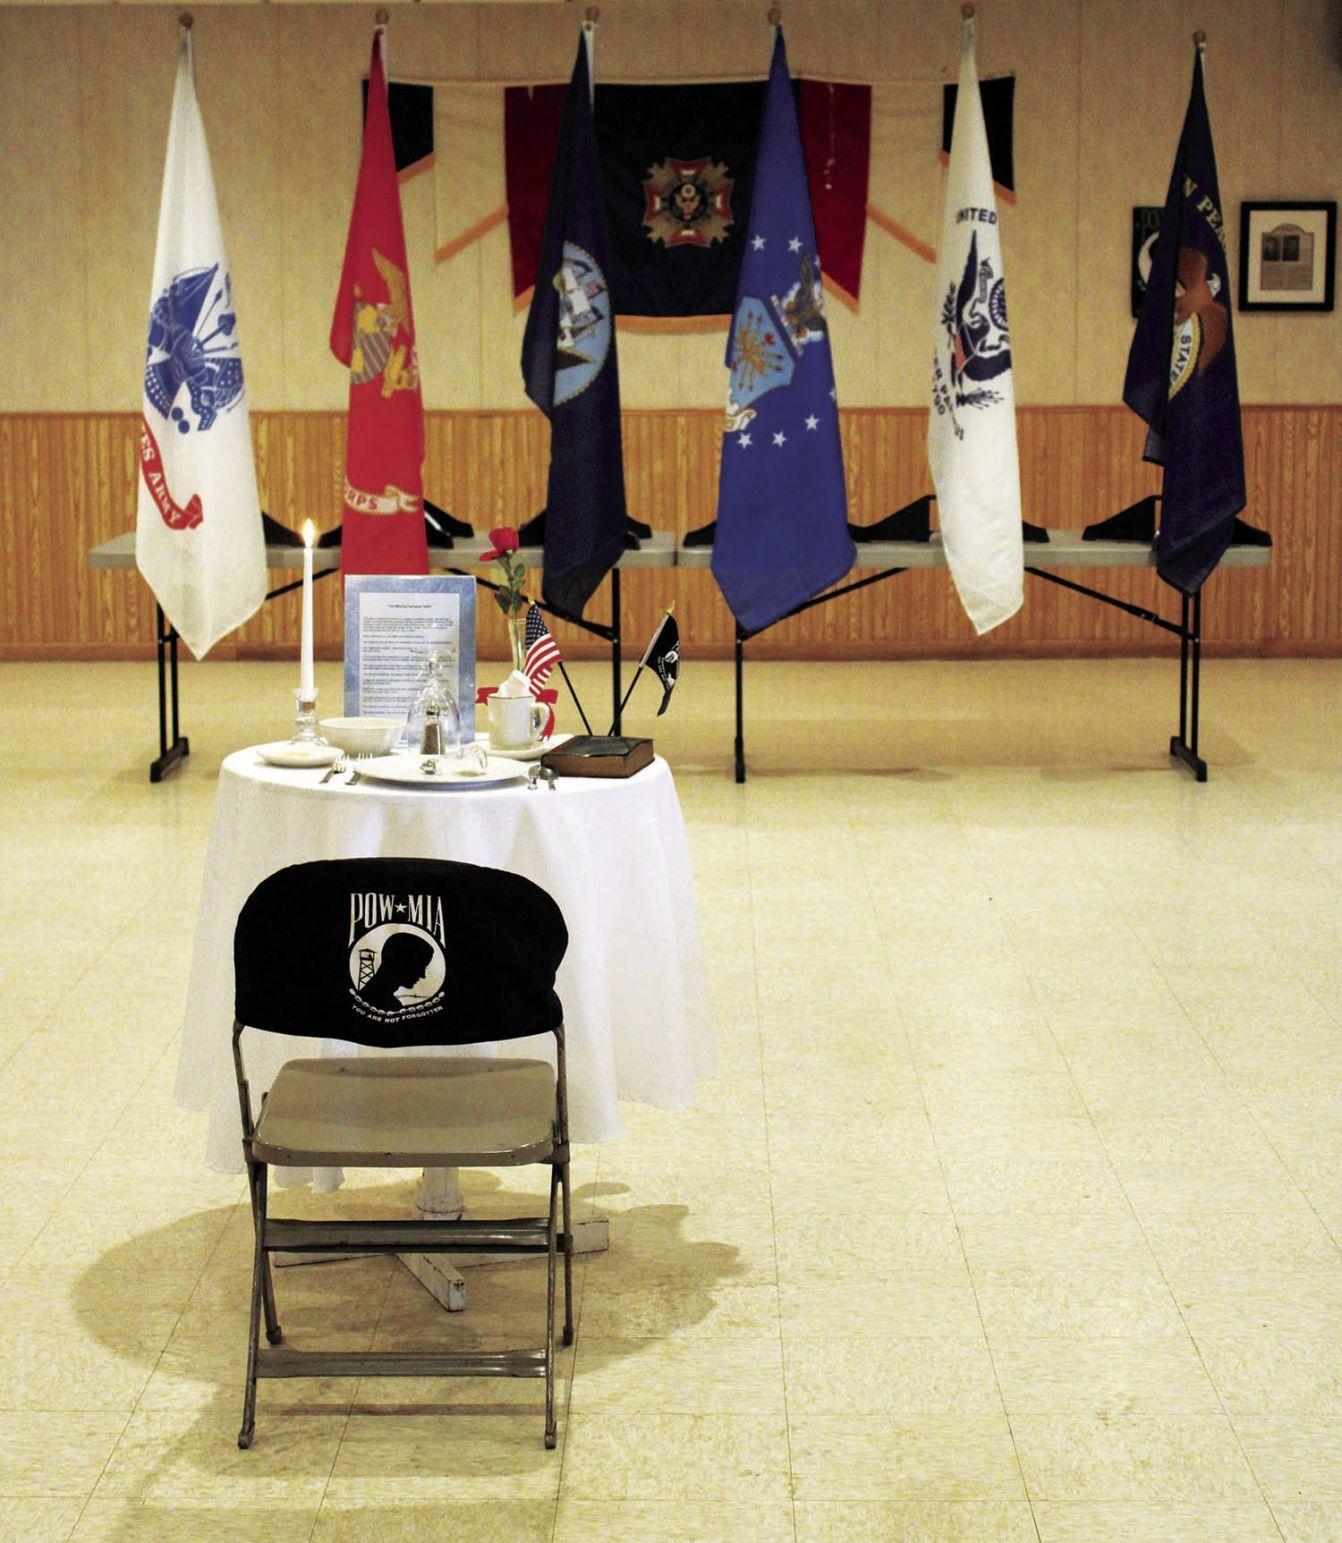 POW/MIA Table at VFW Post 9362 (2020)